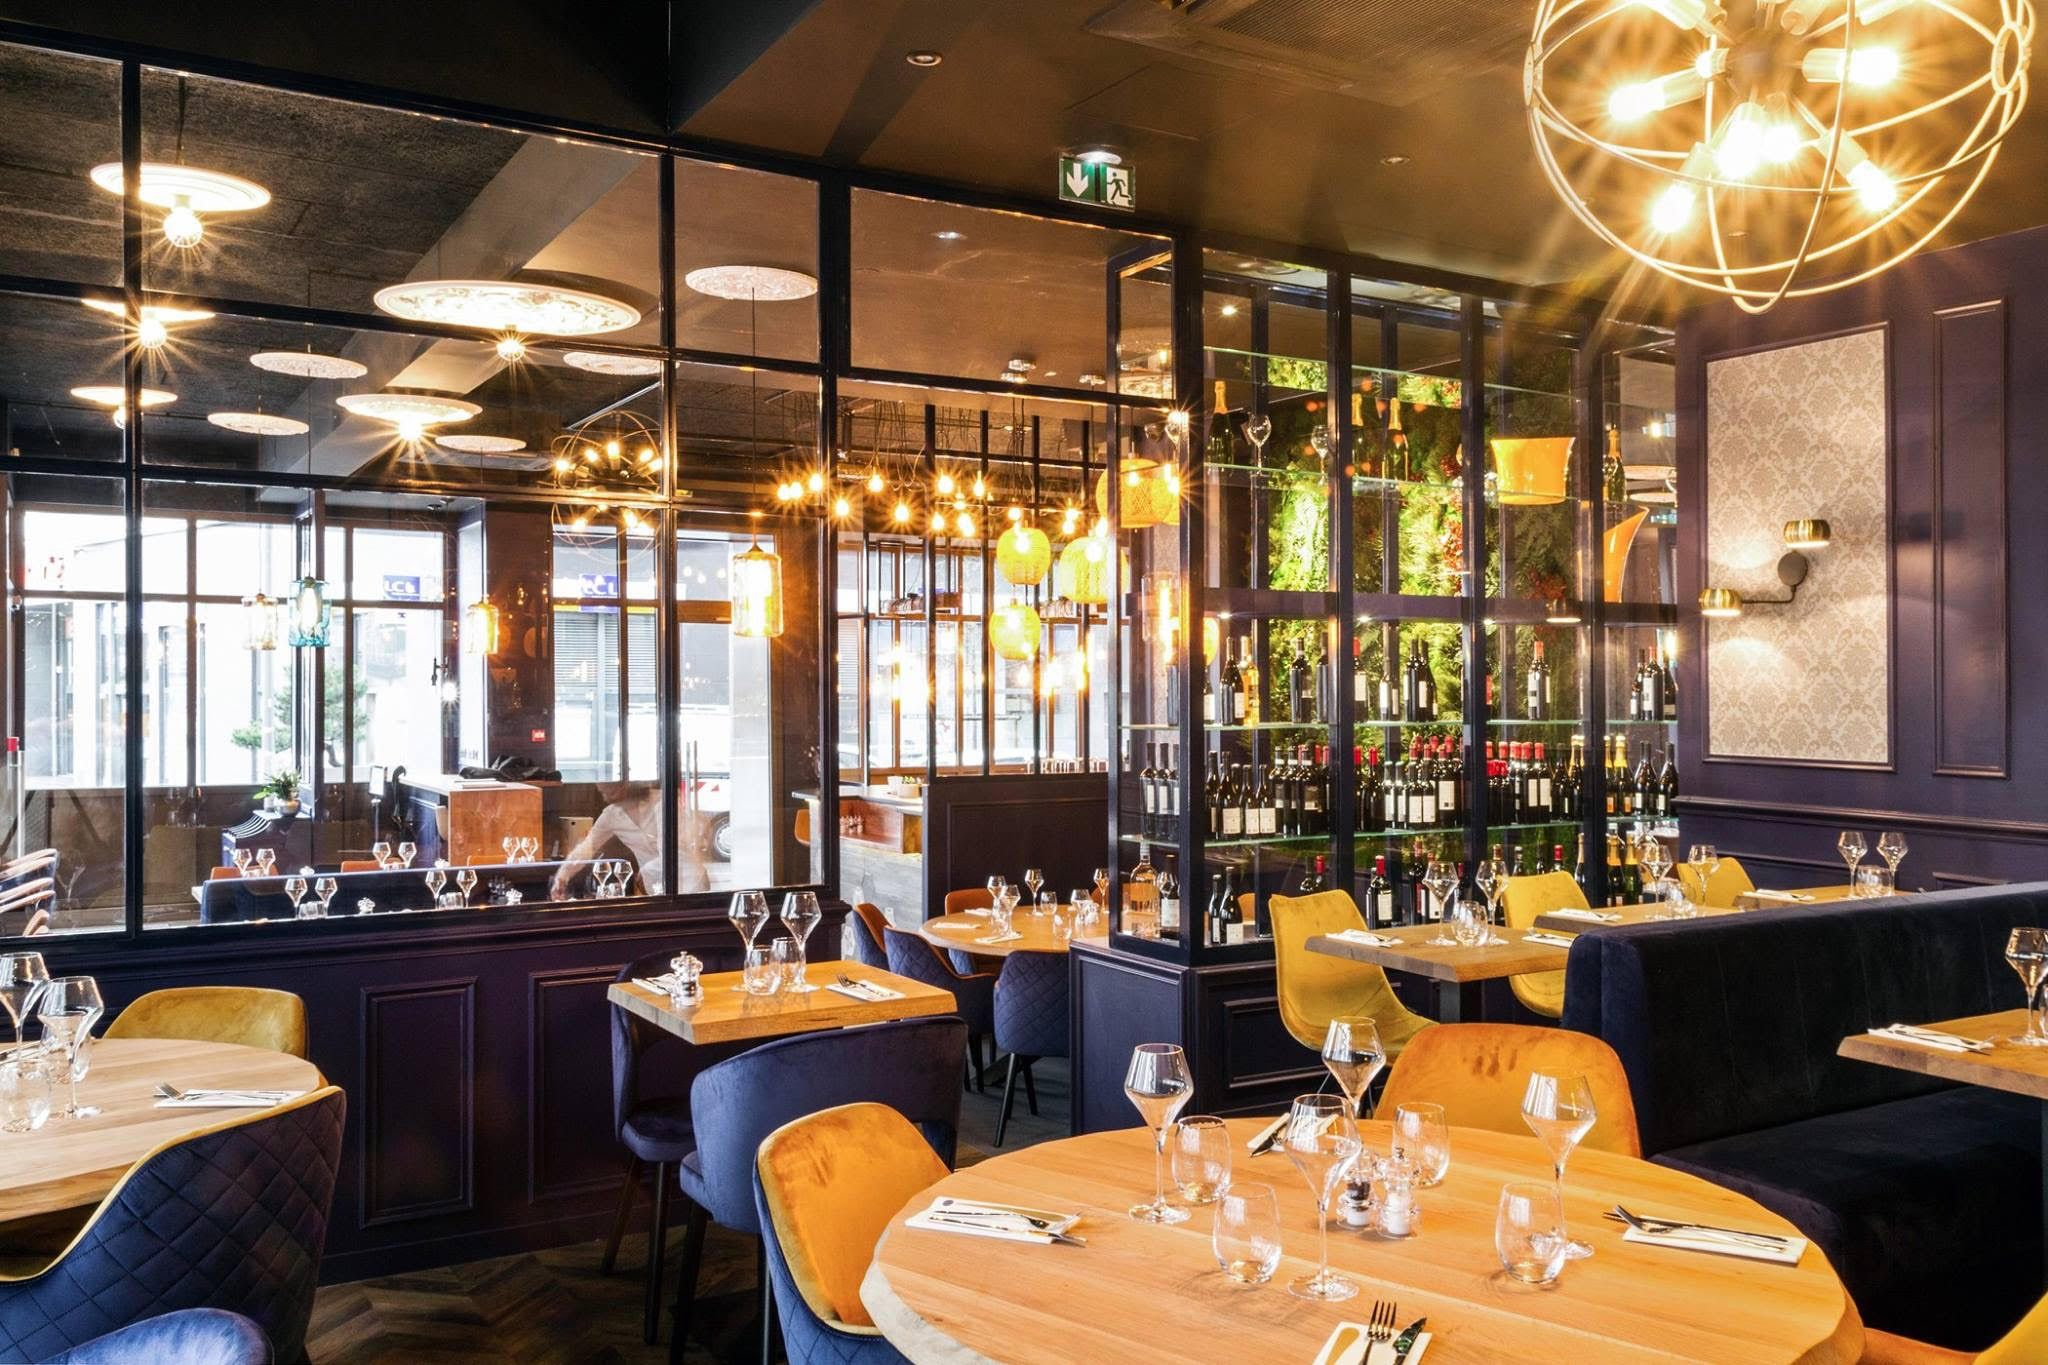 Au Coin Bistro Restaurant Interior Design Pinterest - Fancy restaurant table